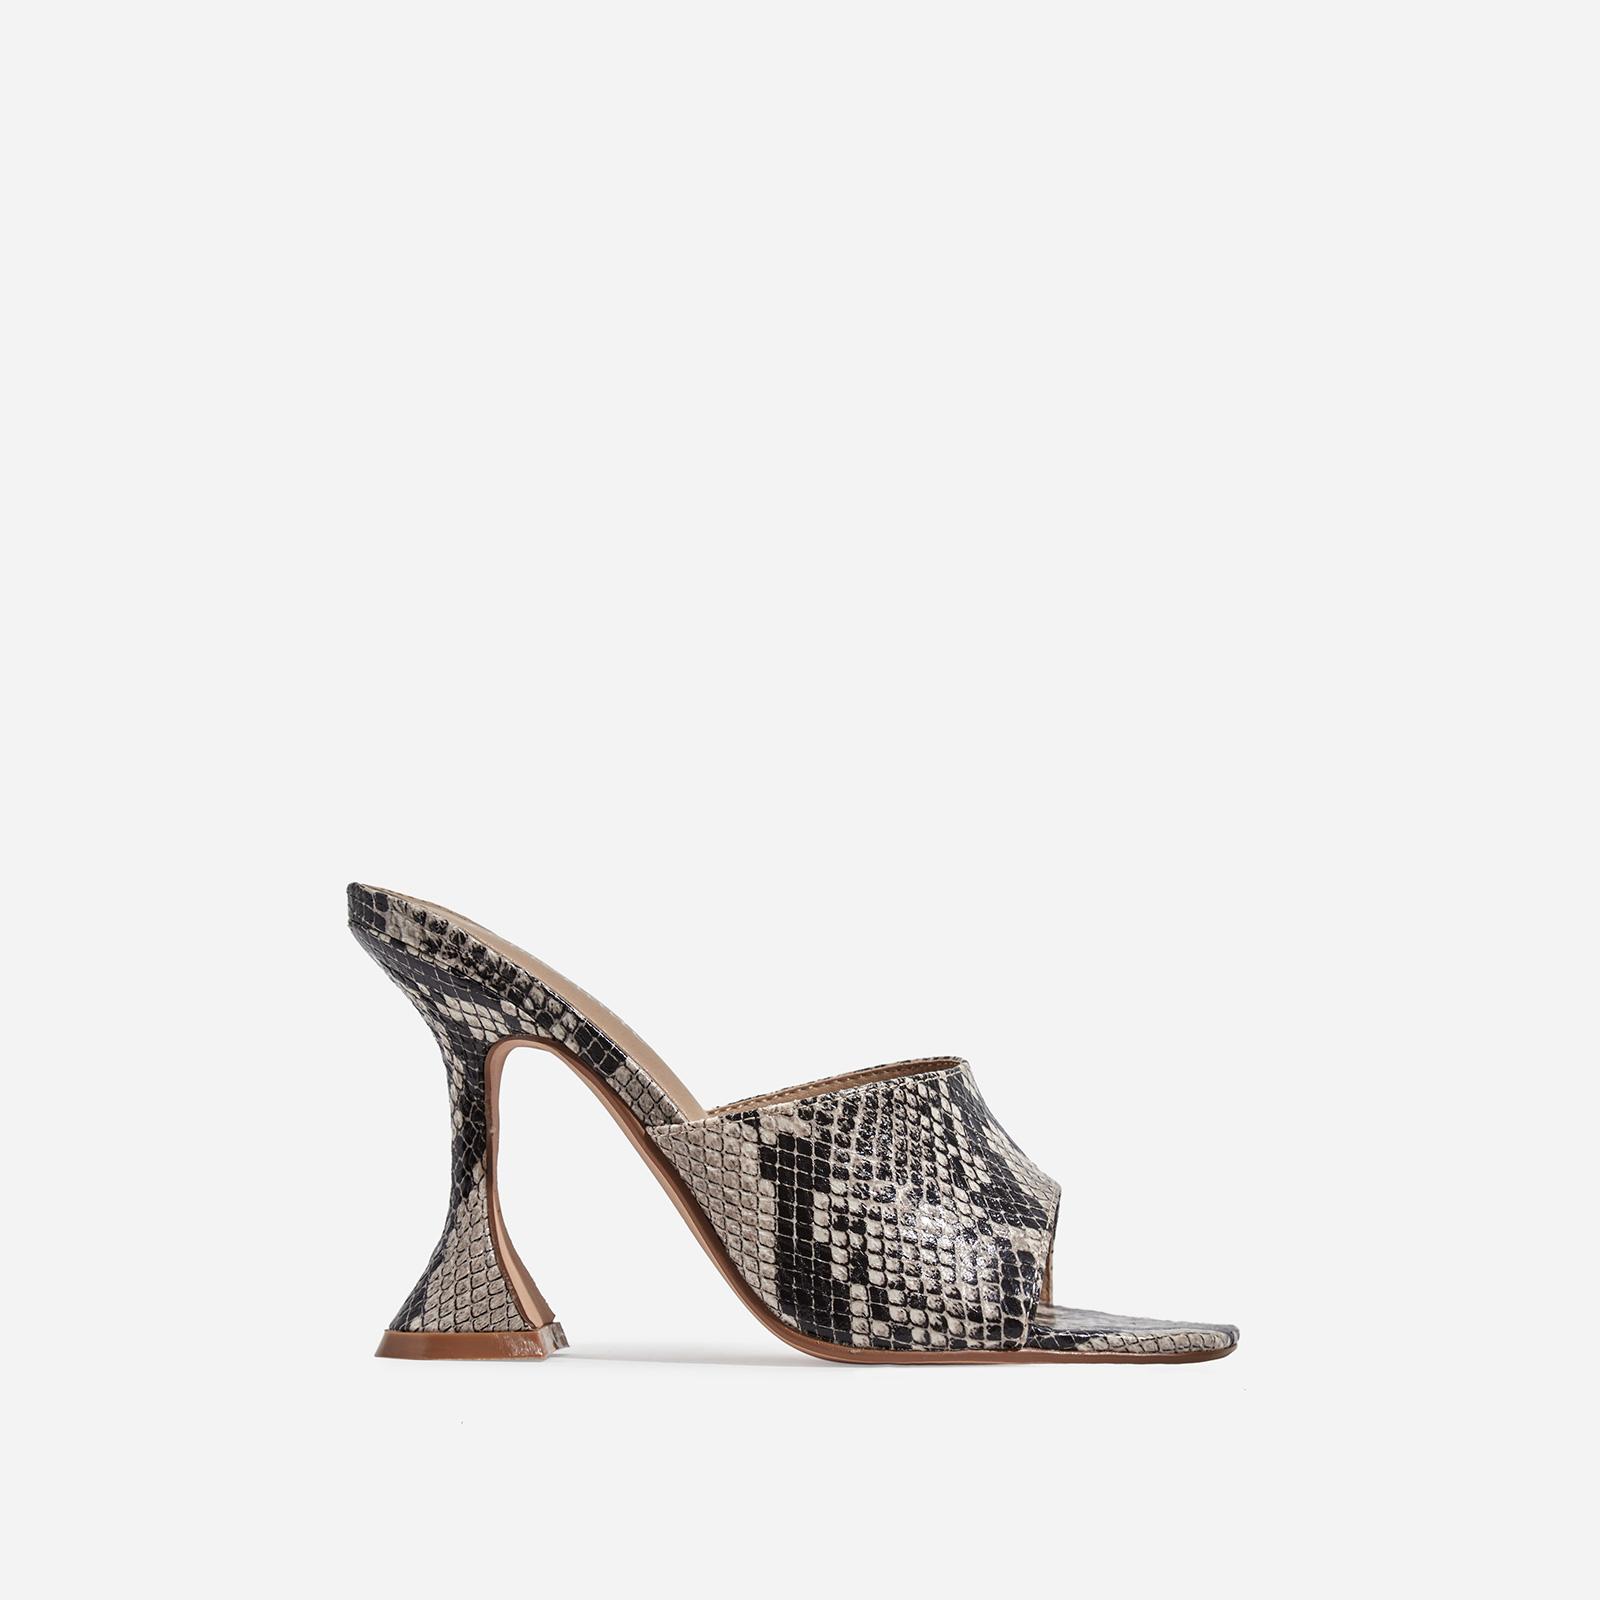 Jordi Peep Square Toe Heel Mule In Nude Snake Print Faux Leather